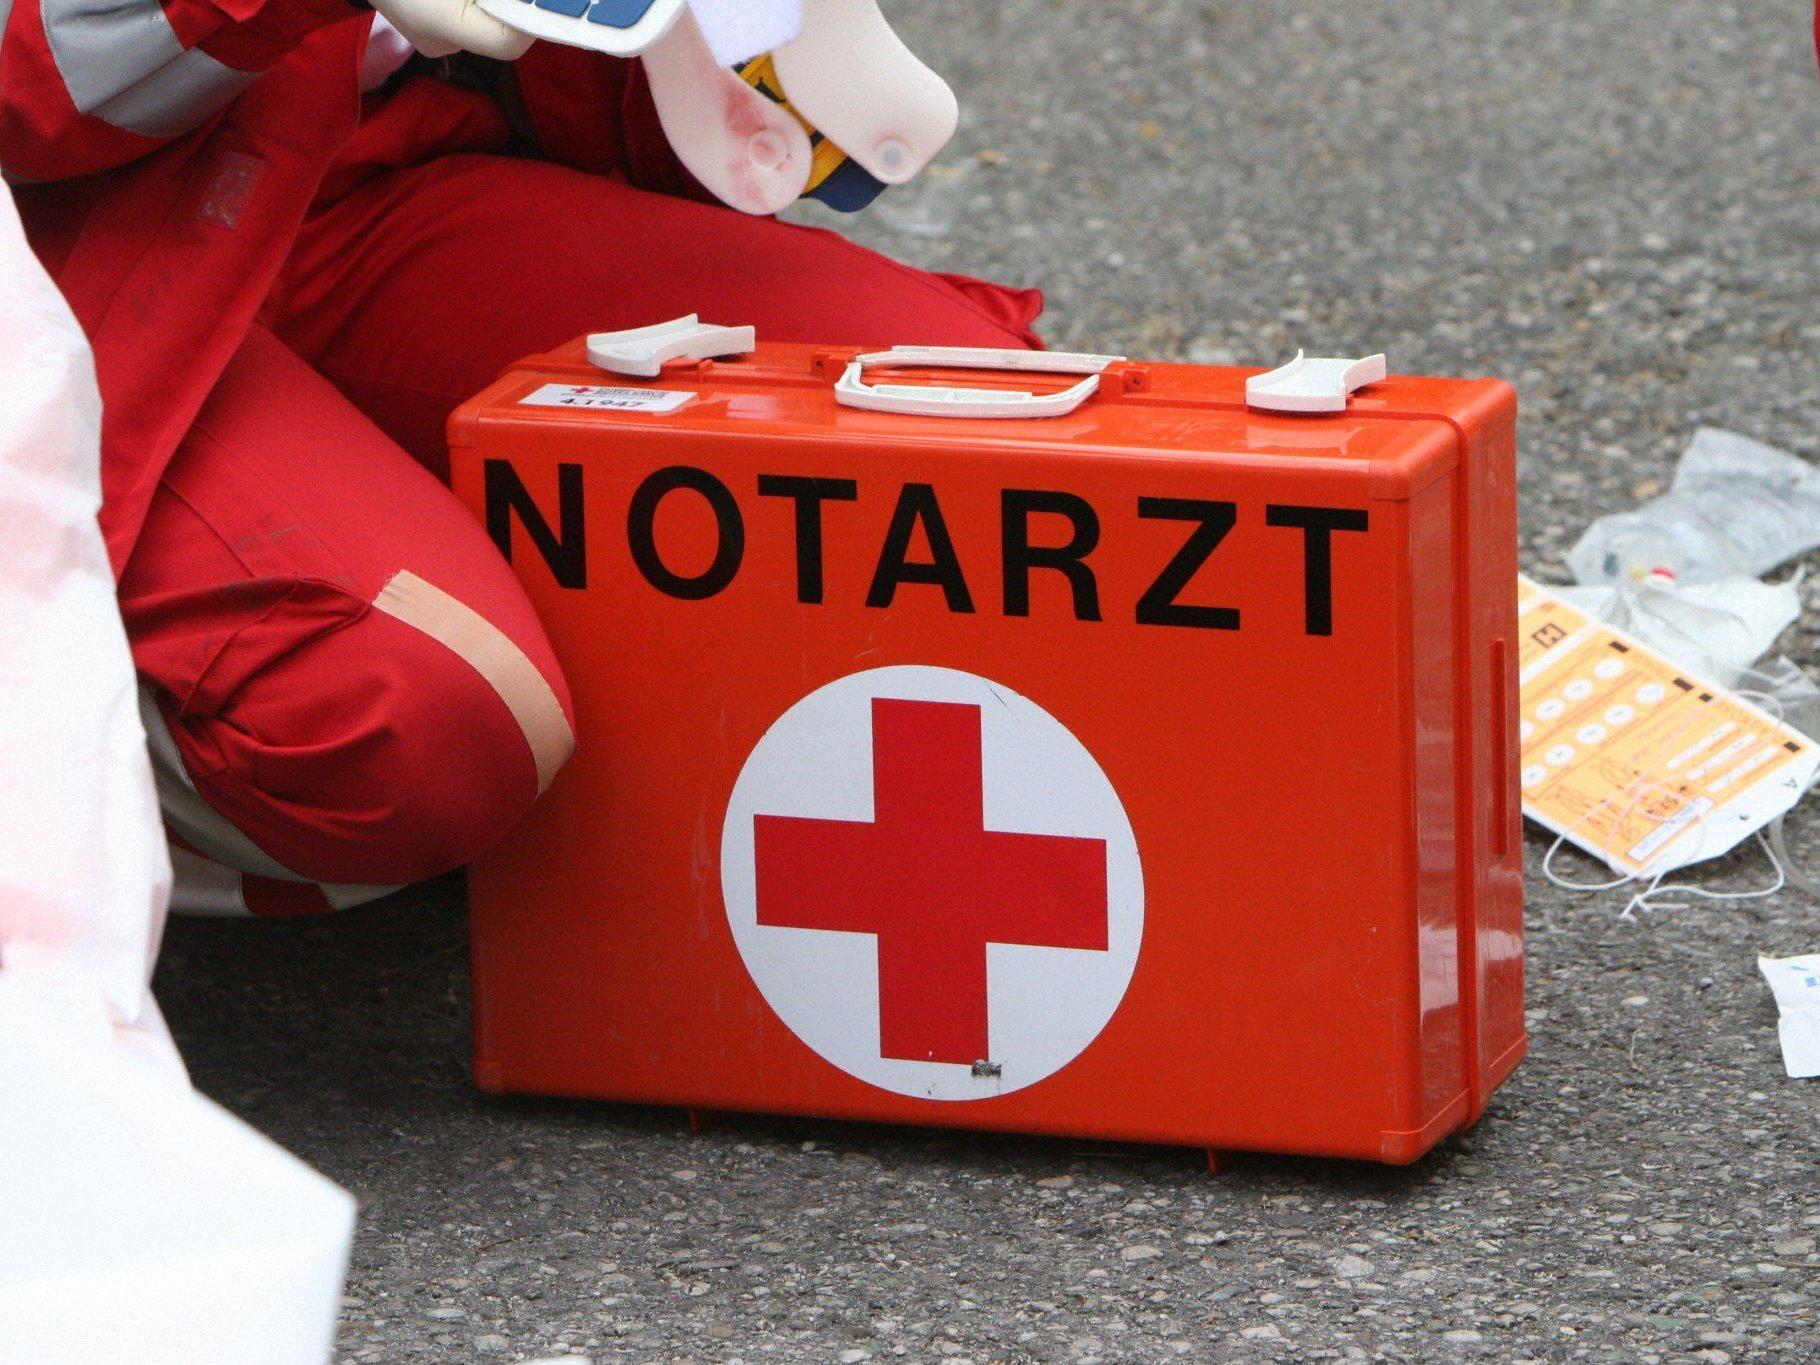 Am Donnerstag stürzte der Hubschrauberlandeplatz des Krankenhauses Mödling ein.